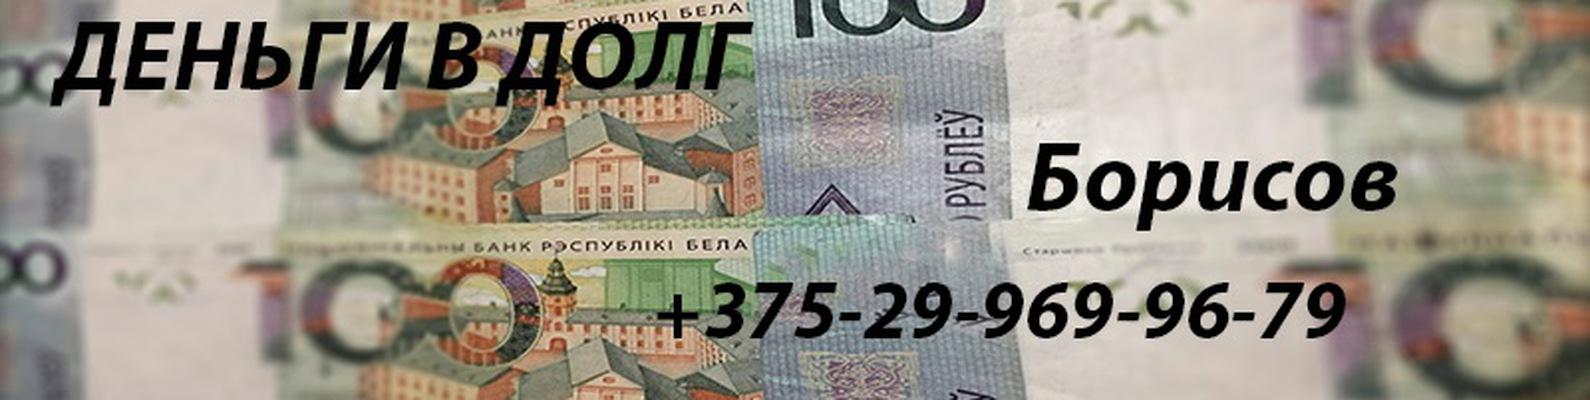 Деньги в долг борисове кредит хаус киев